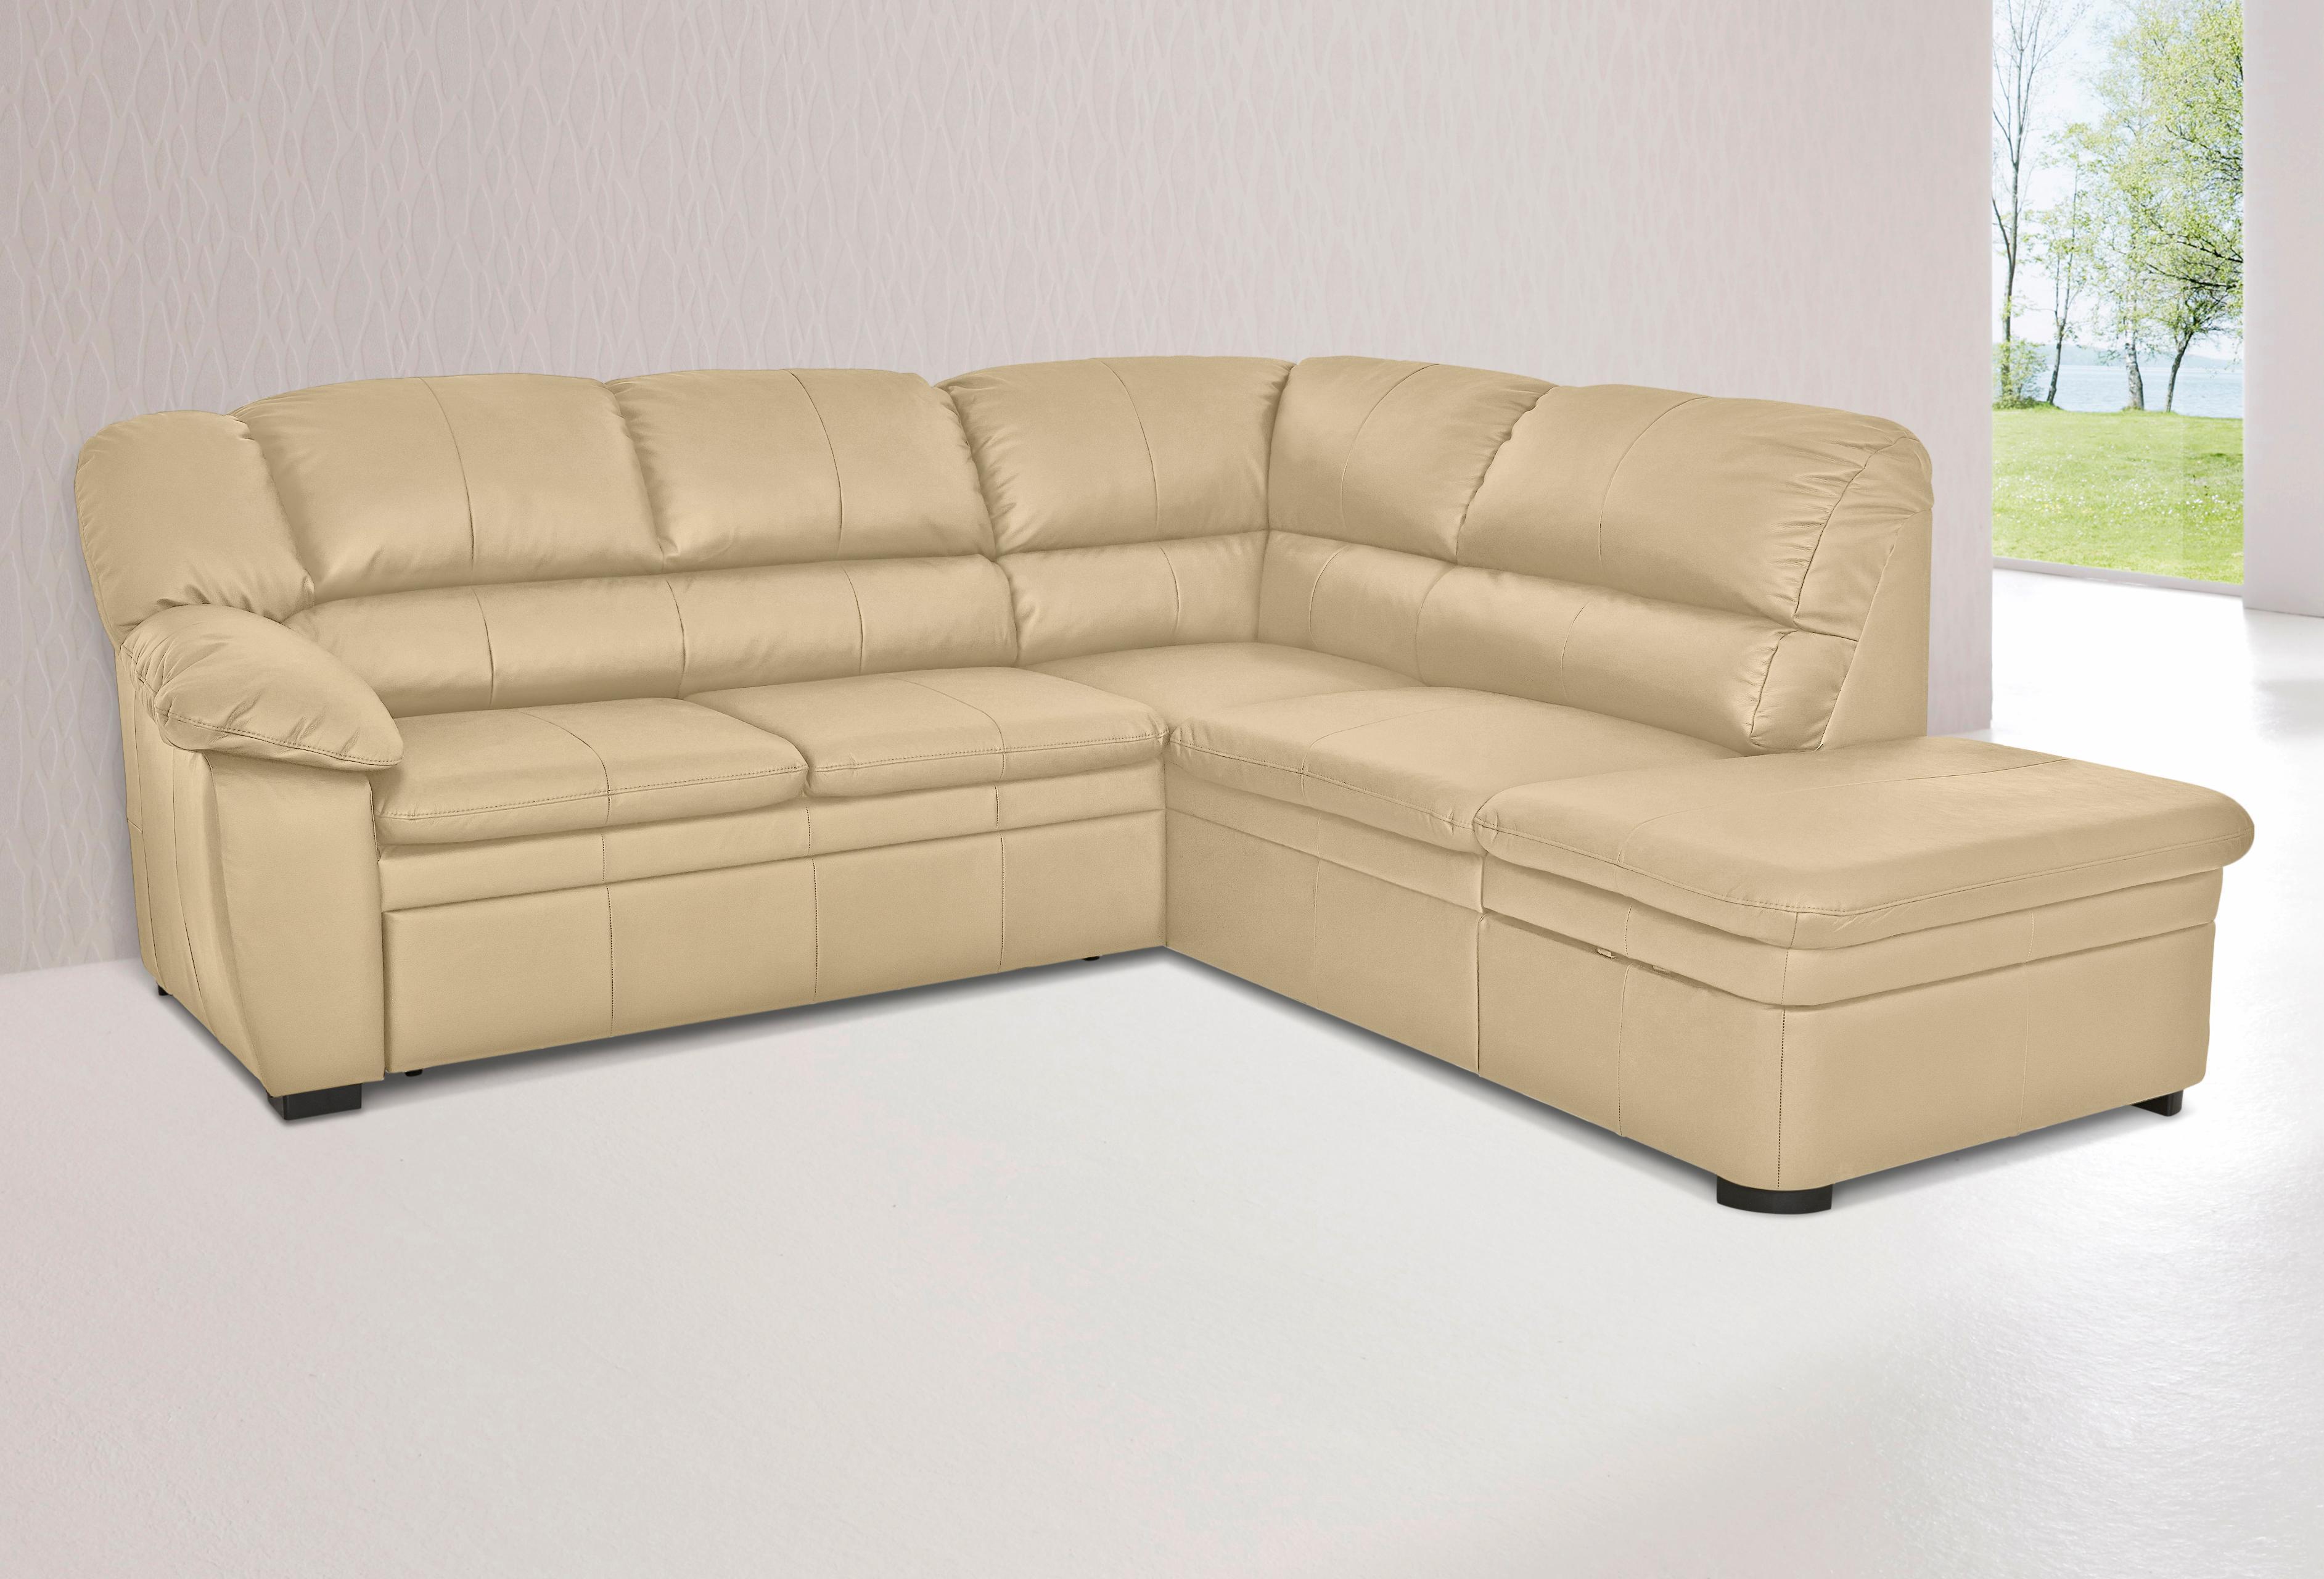 Cotta Polsterecke, wahlweise mit Bettfunktion | Wohnzimmer > Sofas & Couches > Ecksofas & Eckcouches | Leder - Microfaser - Kunstleder | COTTA